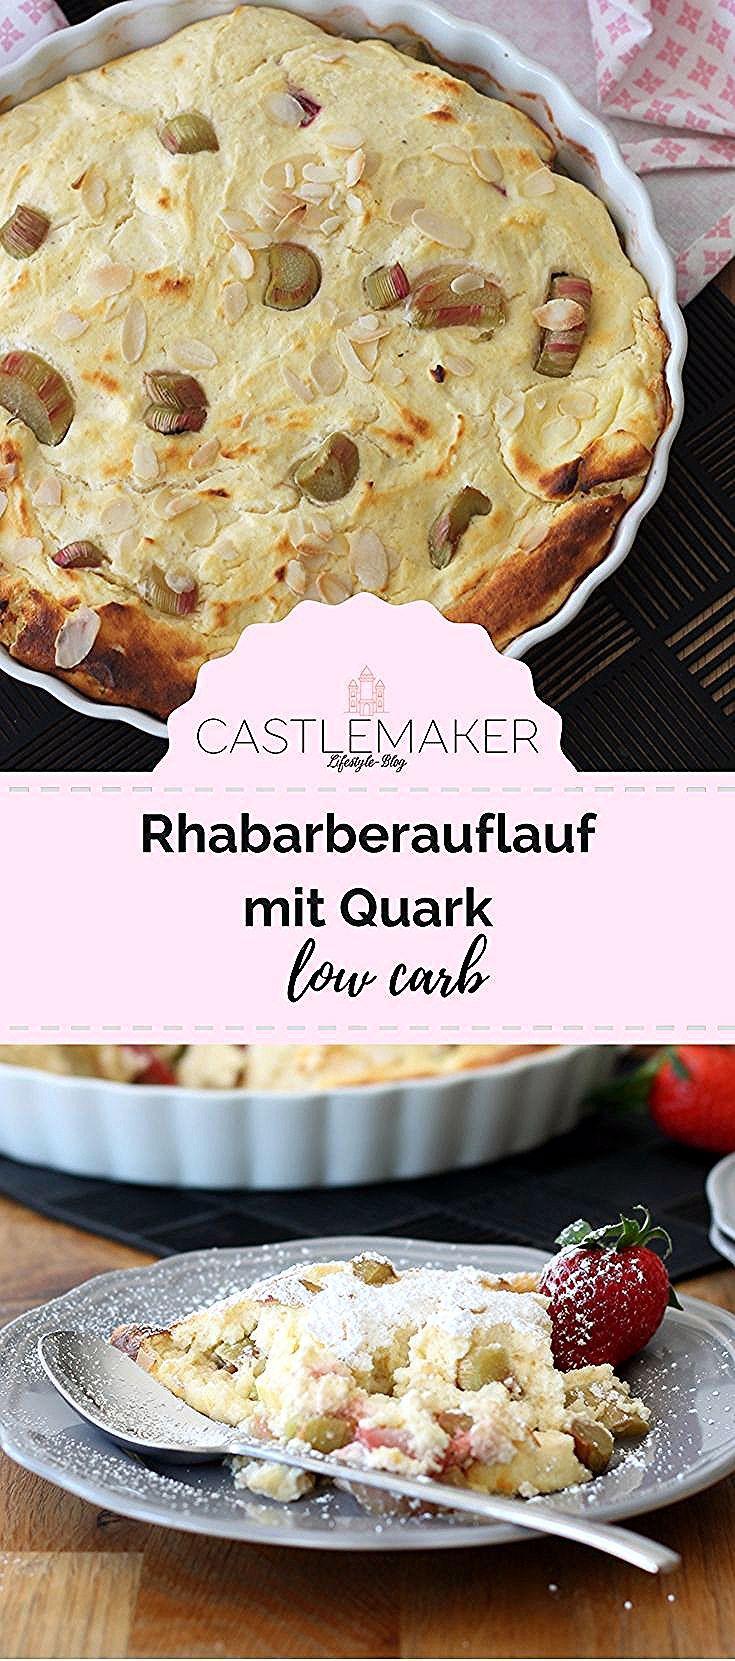 Hier Kombiniere Ich Den Gesunden Rhabarber Mit Erdbeeren Und Quark In Einer Gesunden Low Carb Varia In 2020 Low Carb Recipes Dessert Low Carb Muffins Low Carb Desserts